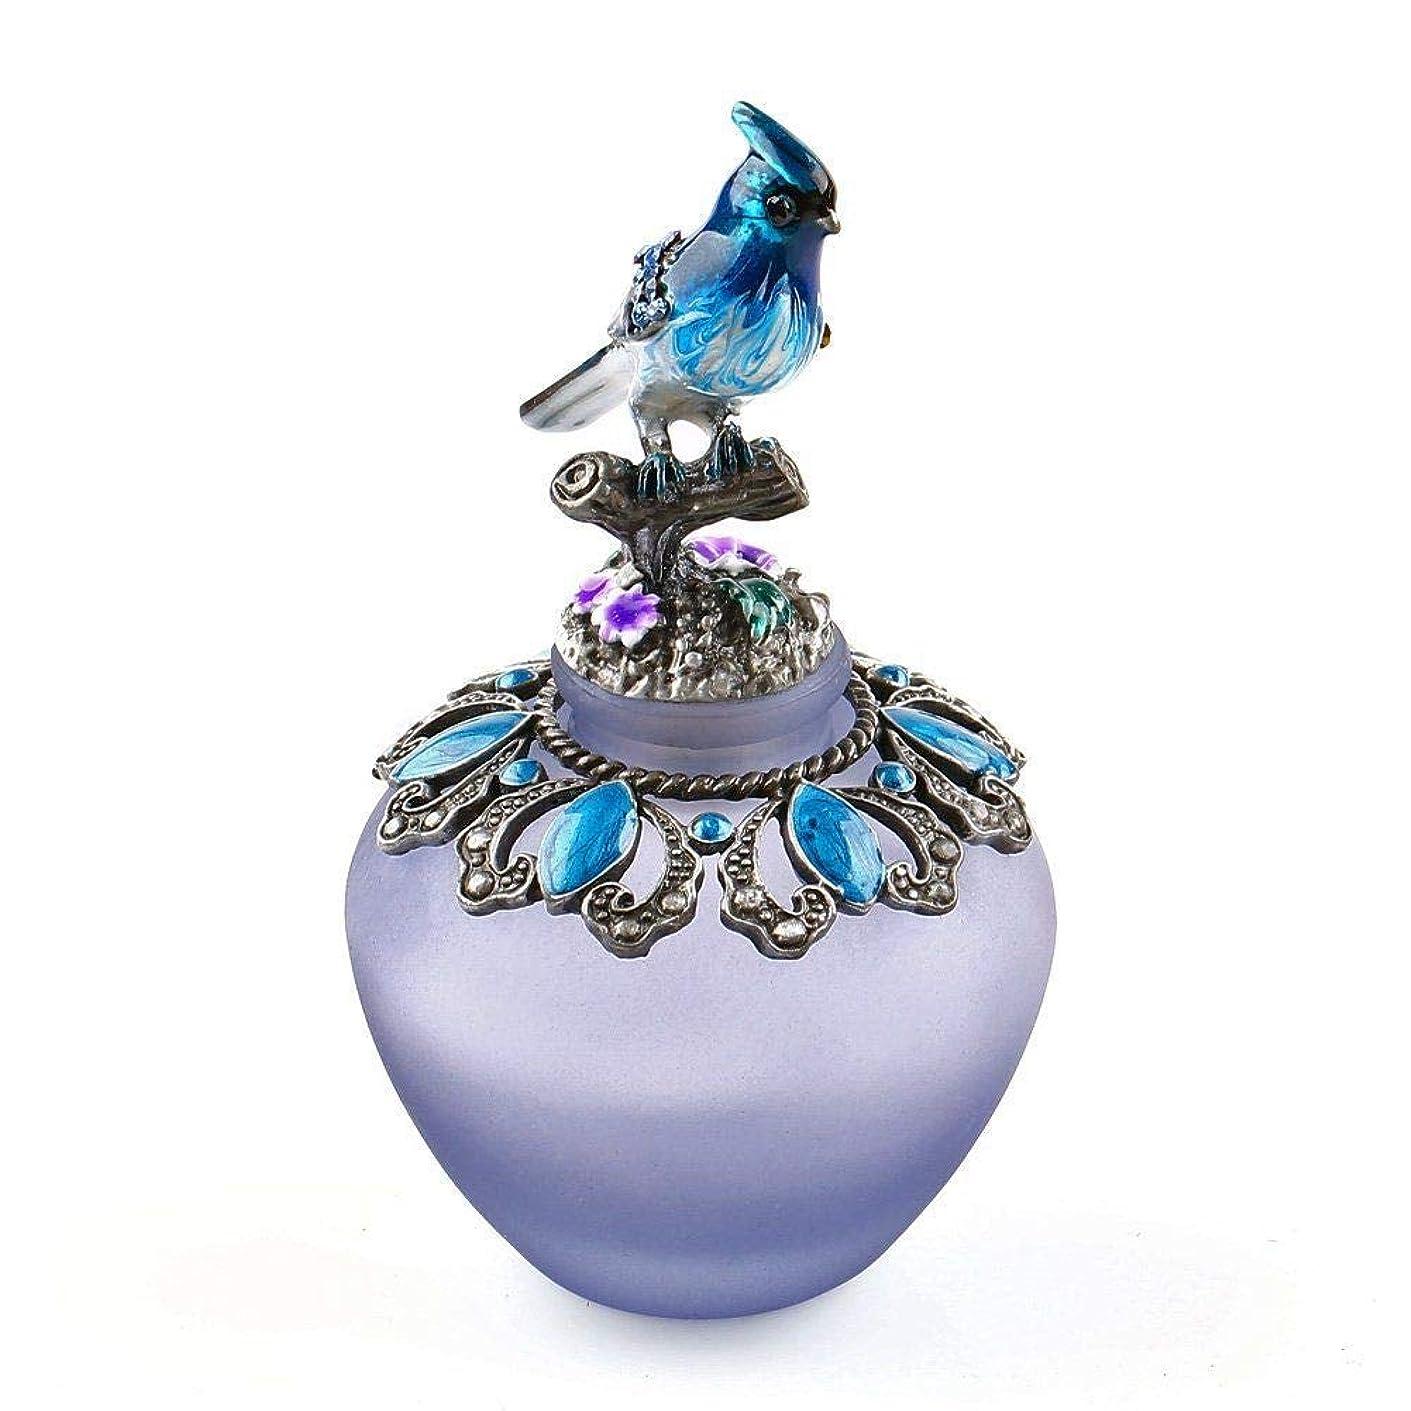 暗殺する迷信壁紙EasyRaku 高品質 美しい香水瓶 鳥40ML ガラスアロマボトル 綺麗アンティーク調欧風デザイン クリスマスプレゼント 結婚式 飾り